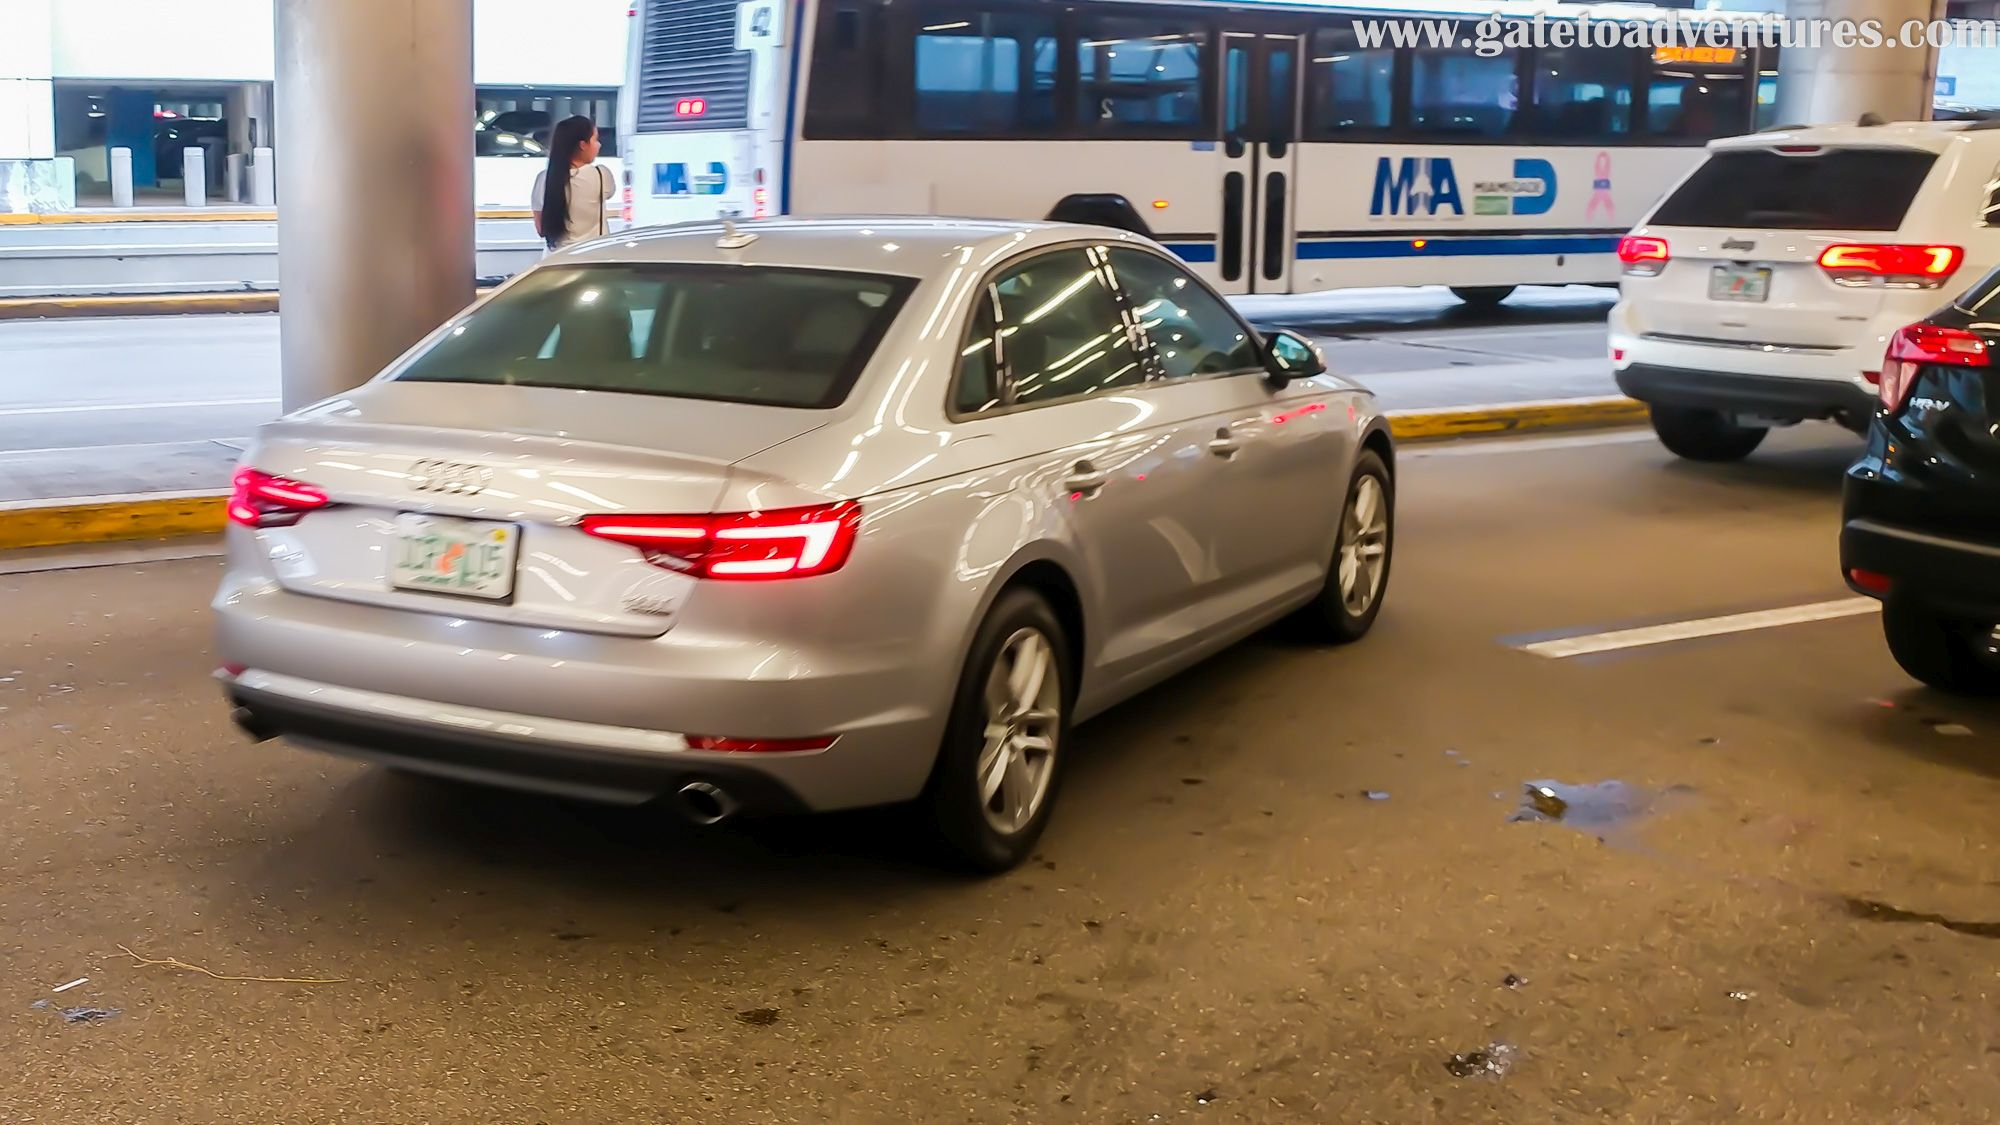 Miami Car Rental Drop Off